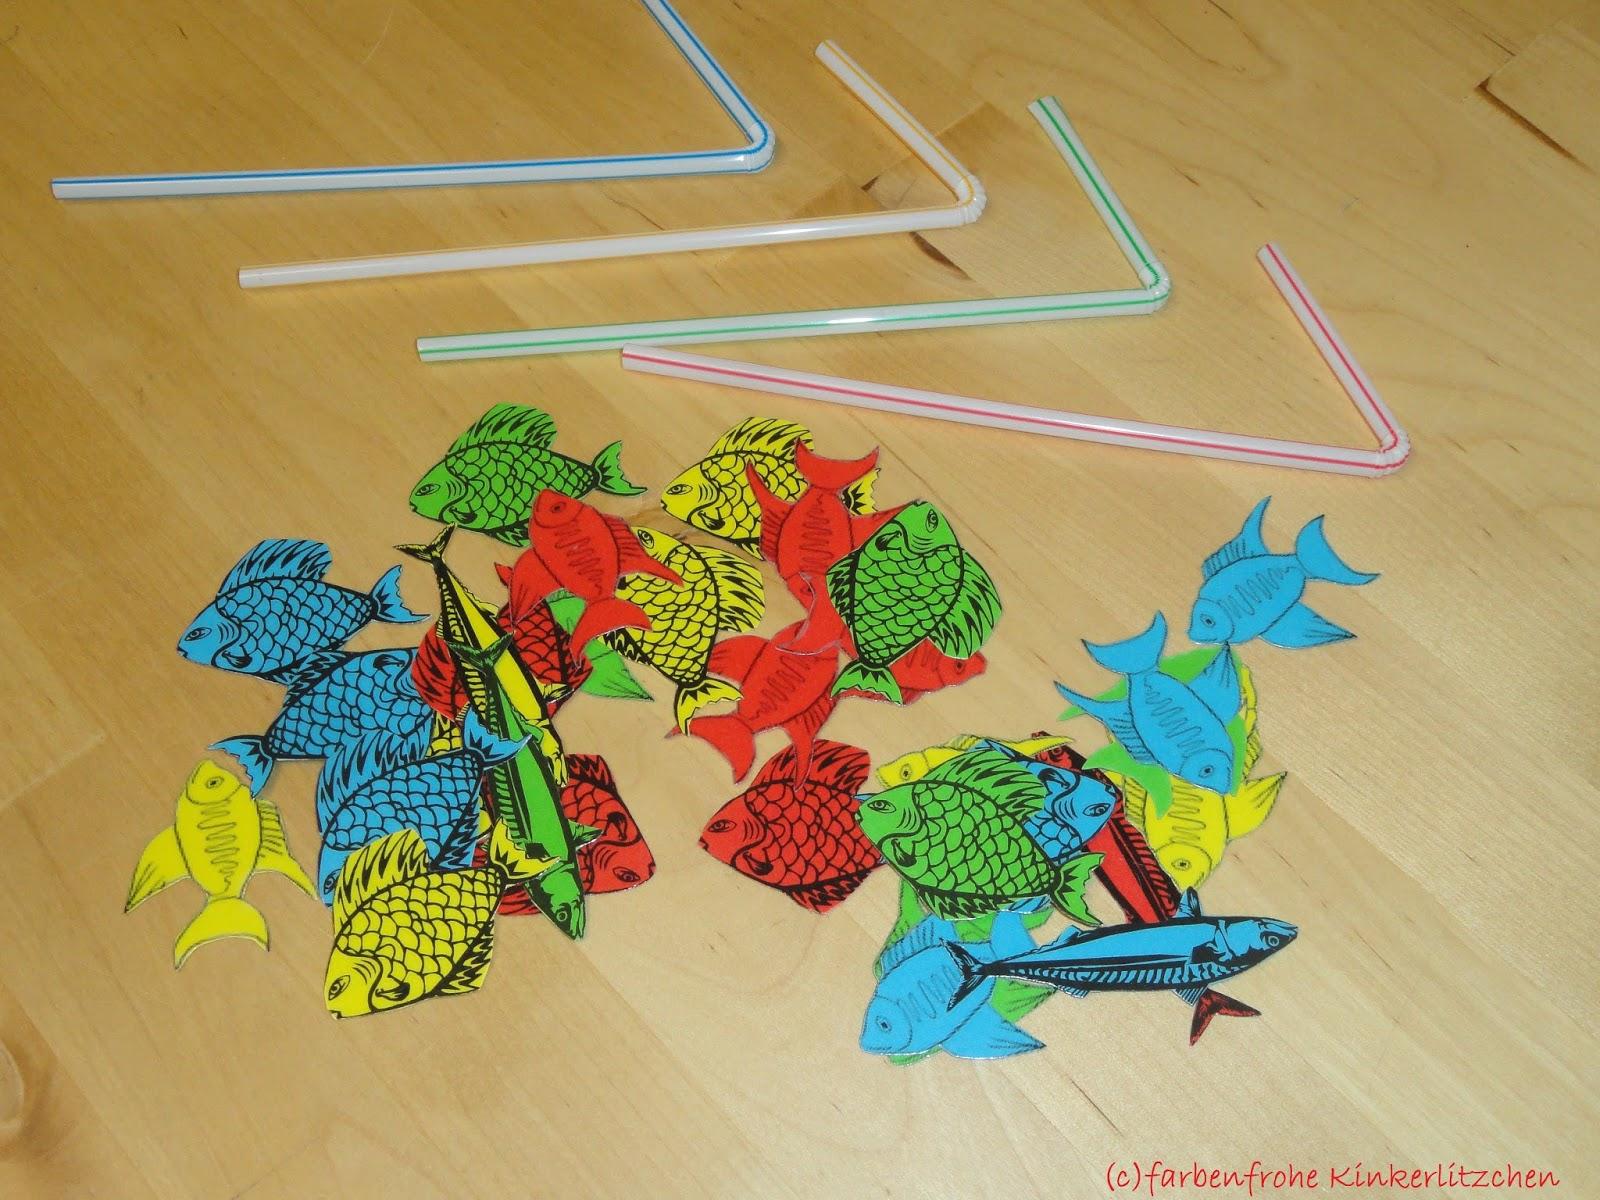 Farbenfrohe Kinkerlitzchen: Spiel - Strohhalm Angeln